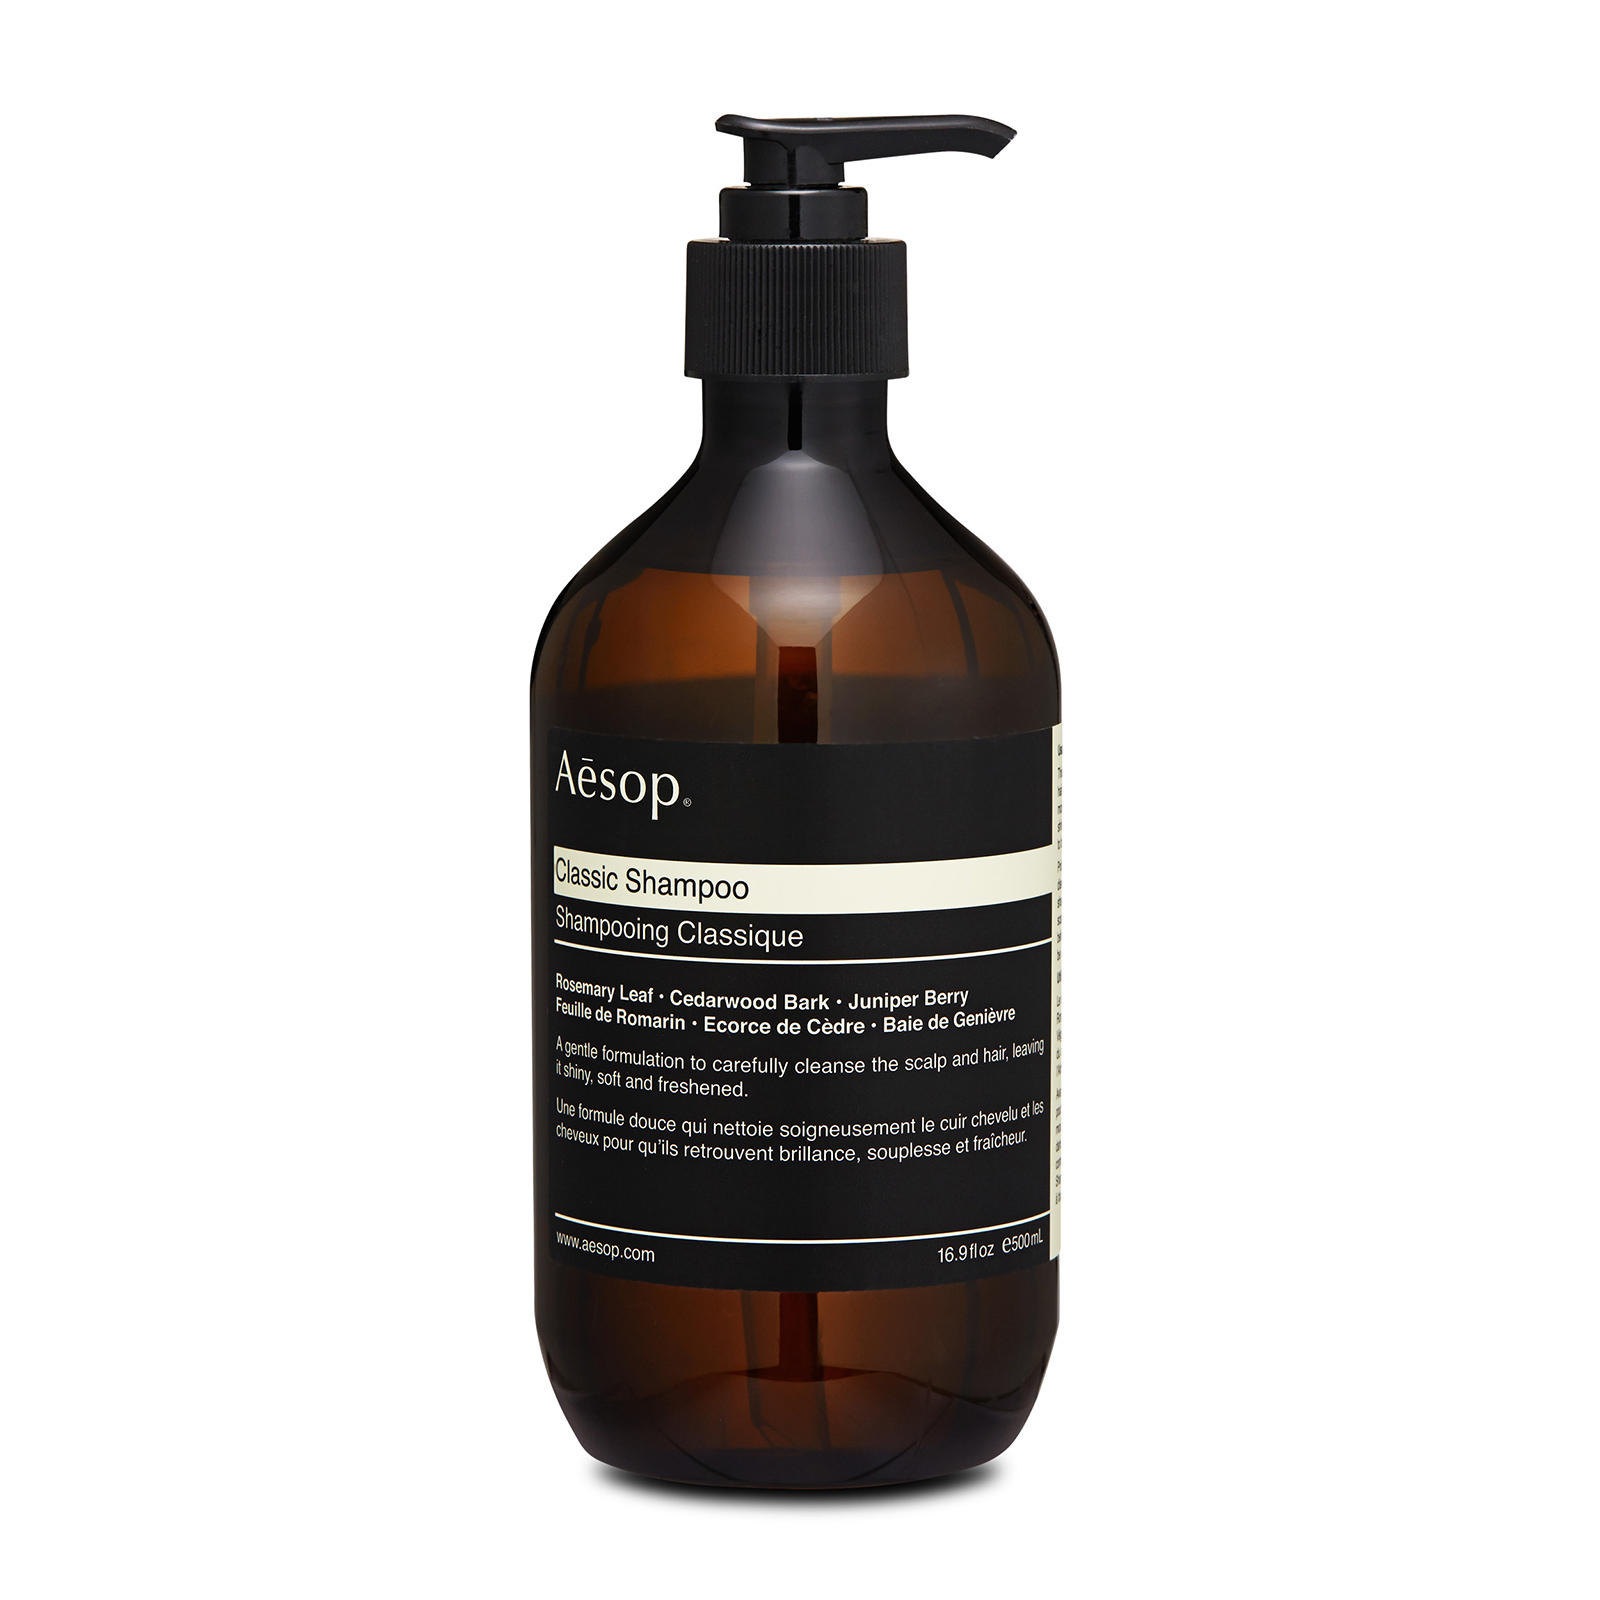 Aesop  Classic Shampoo 16.9oz, 500ml from Cosme-De.com